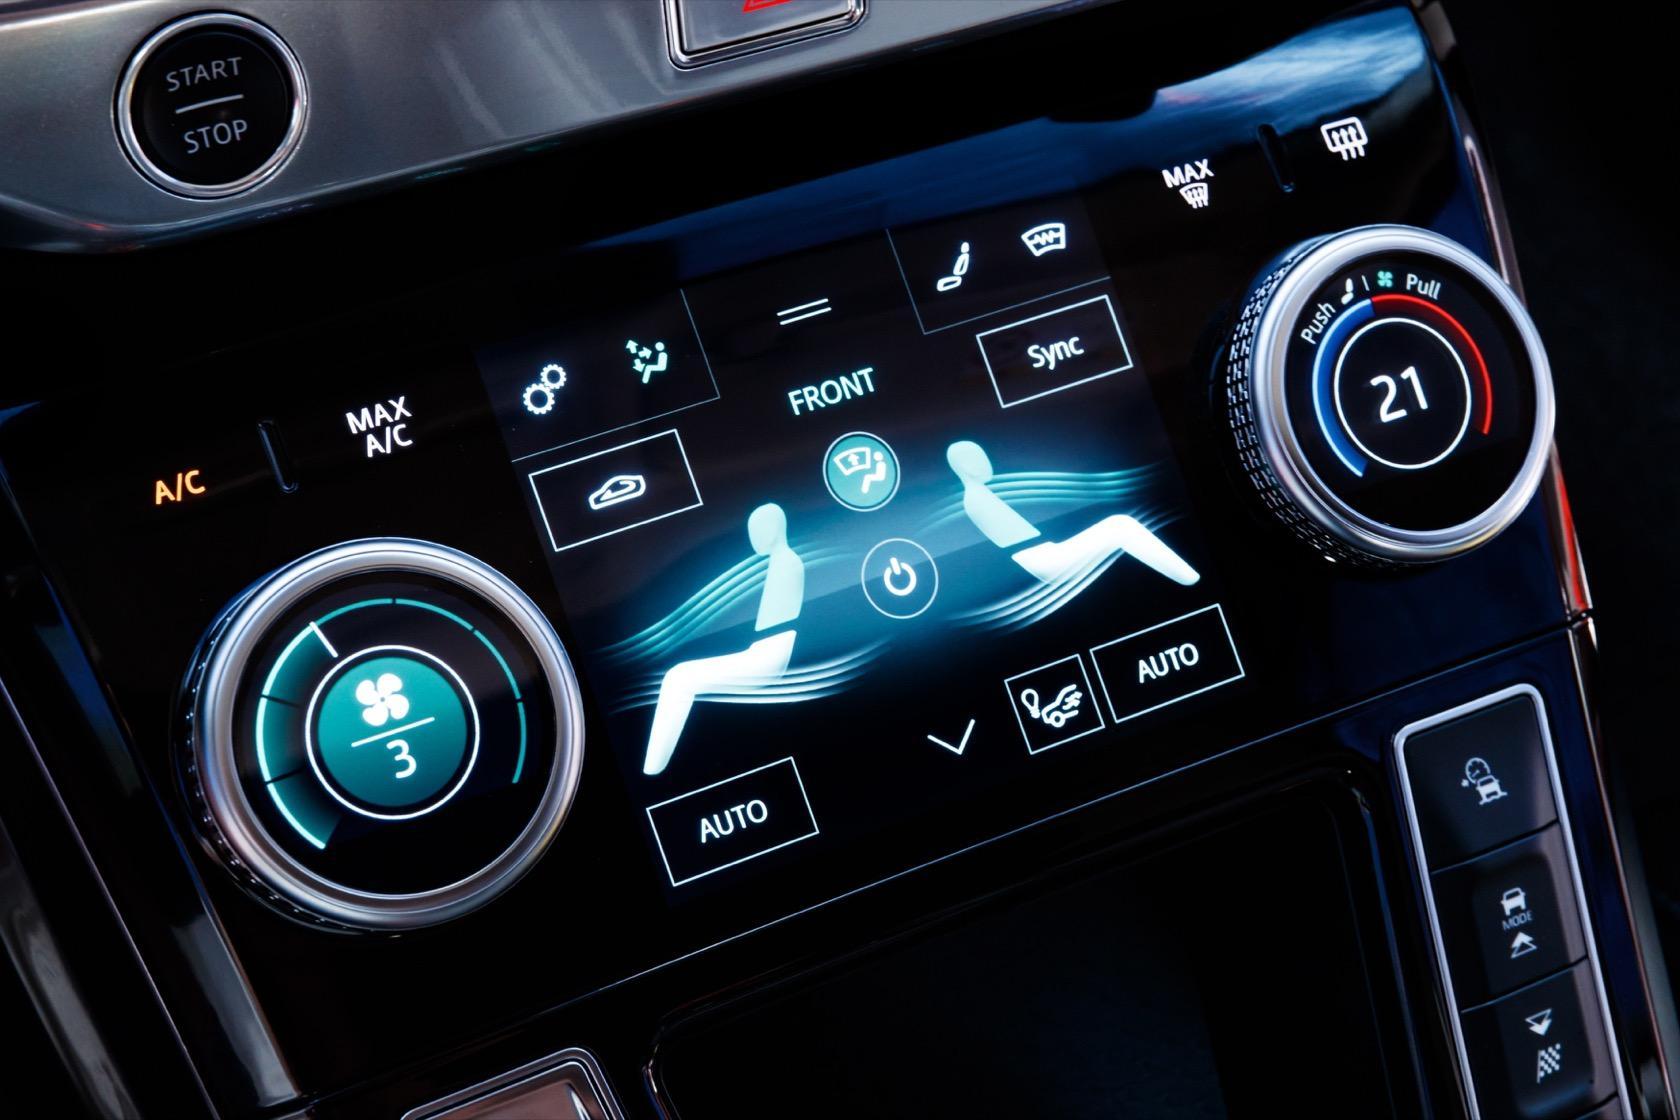 Jaguar I-Pace infotainment system